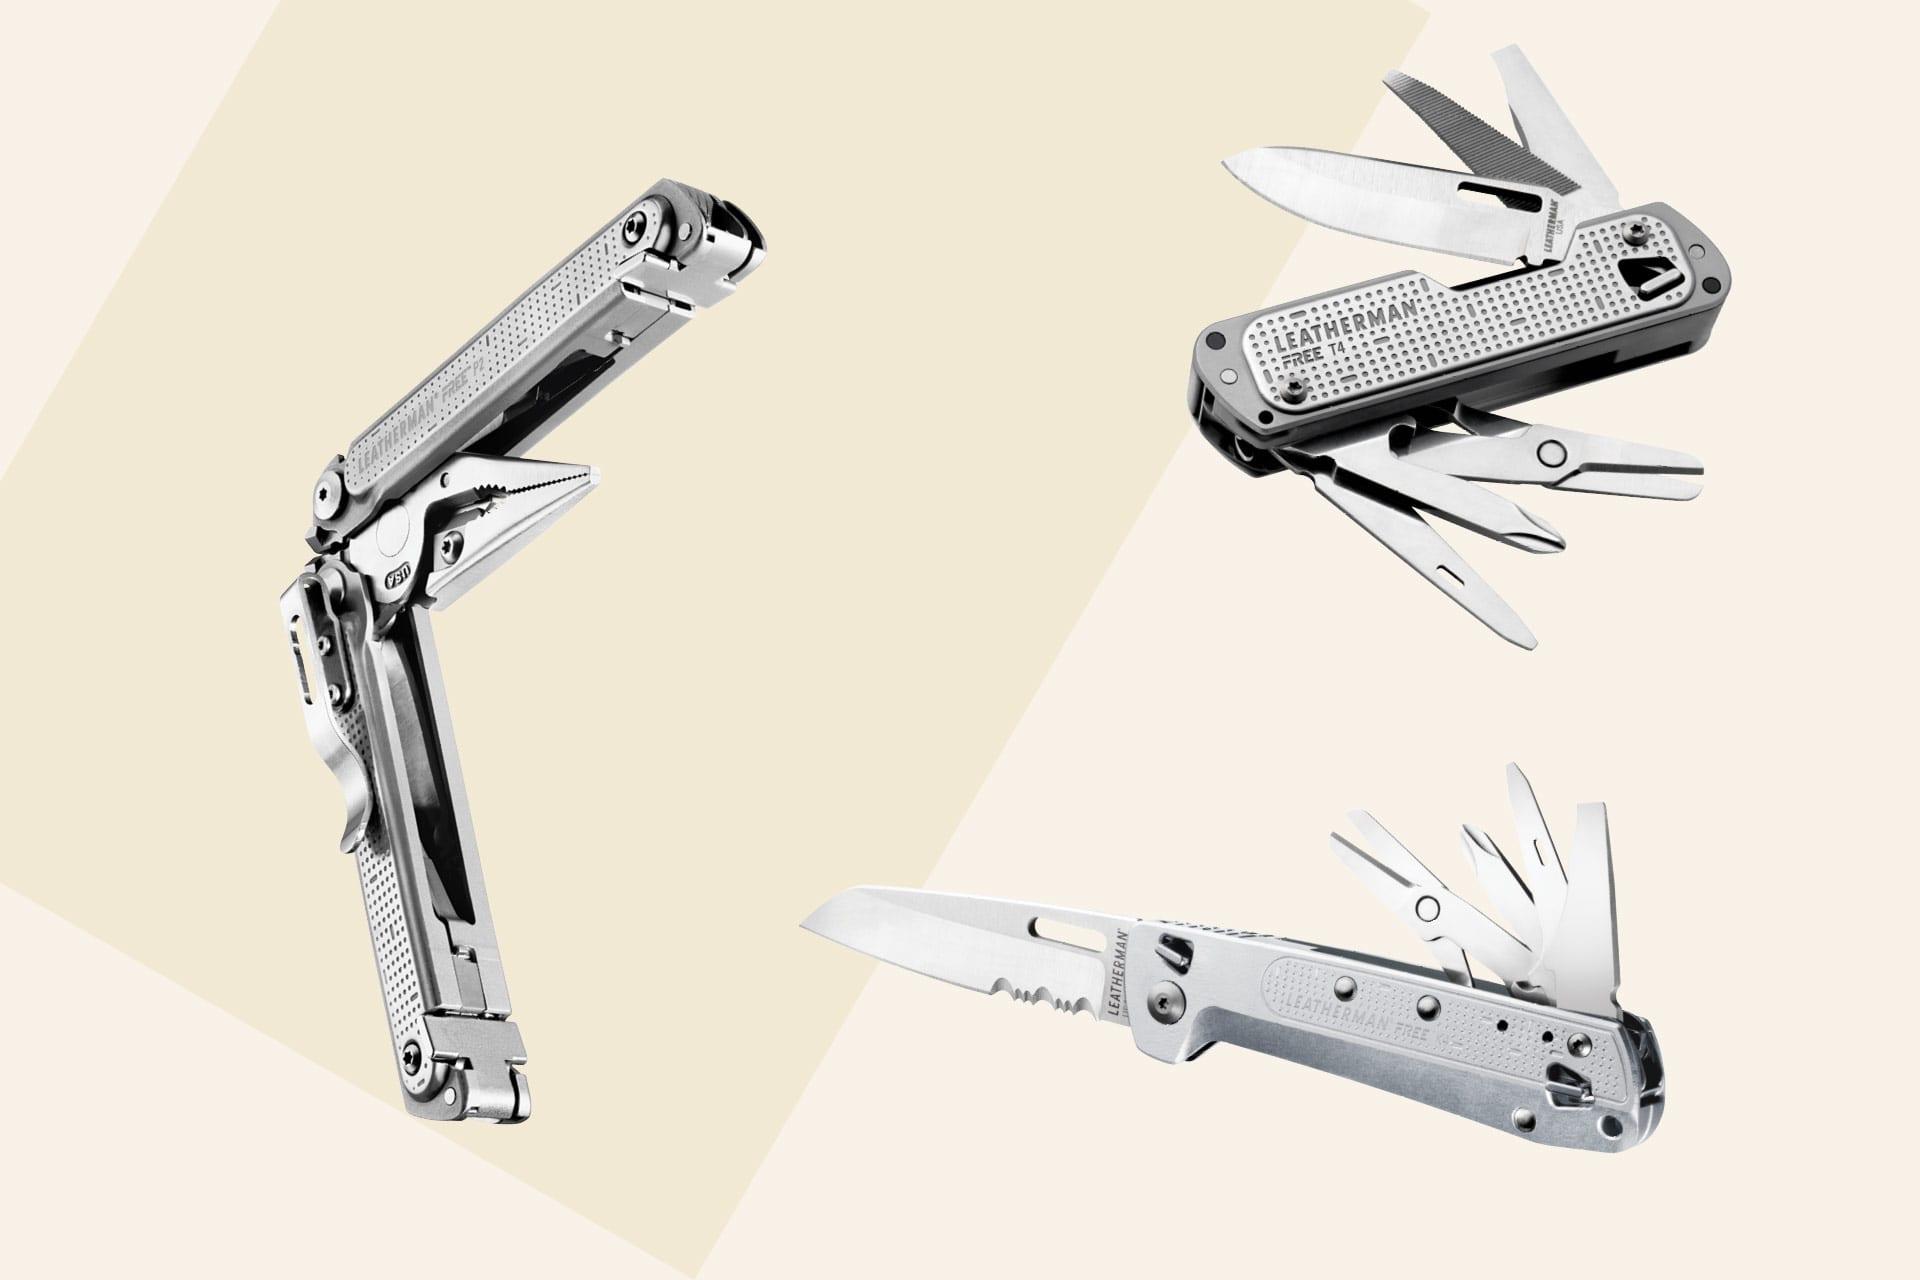 Leatherman FREE – premiera nowej kolekcji narzędzi wielofunkcyjnych